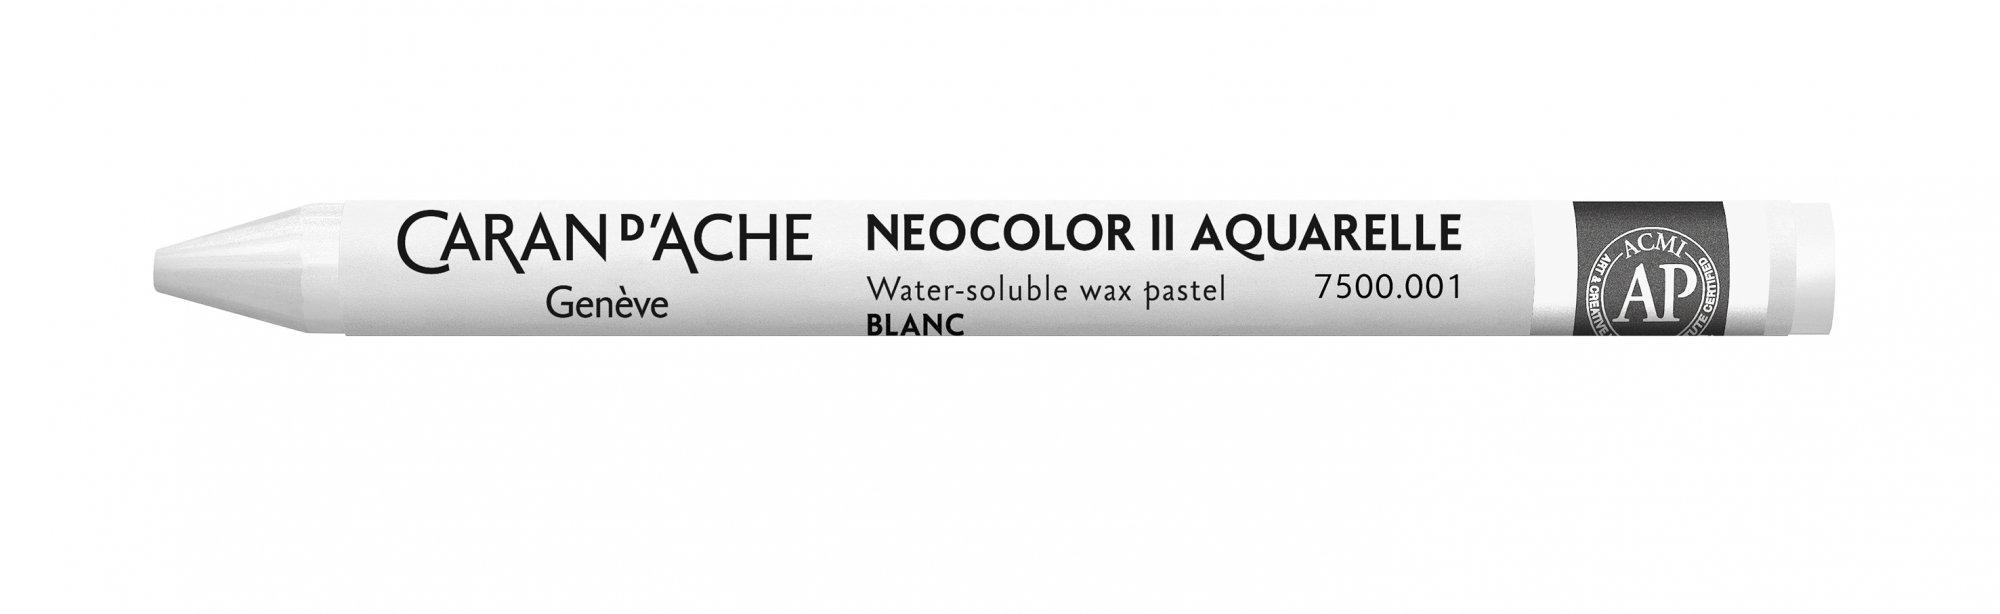 Neocolor II - Water Soluble Wax Pastels